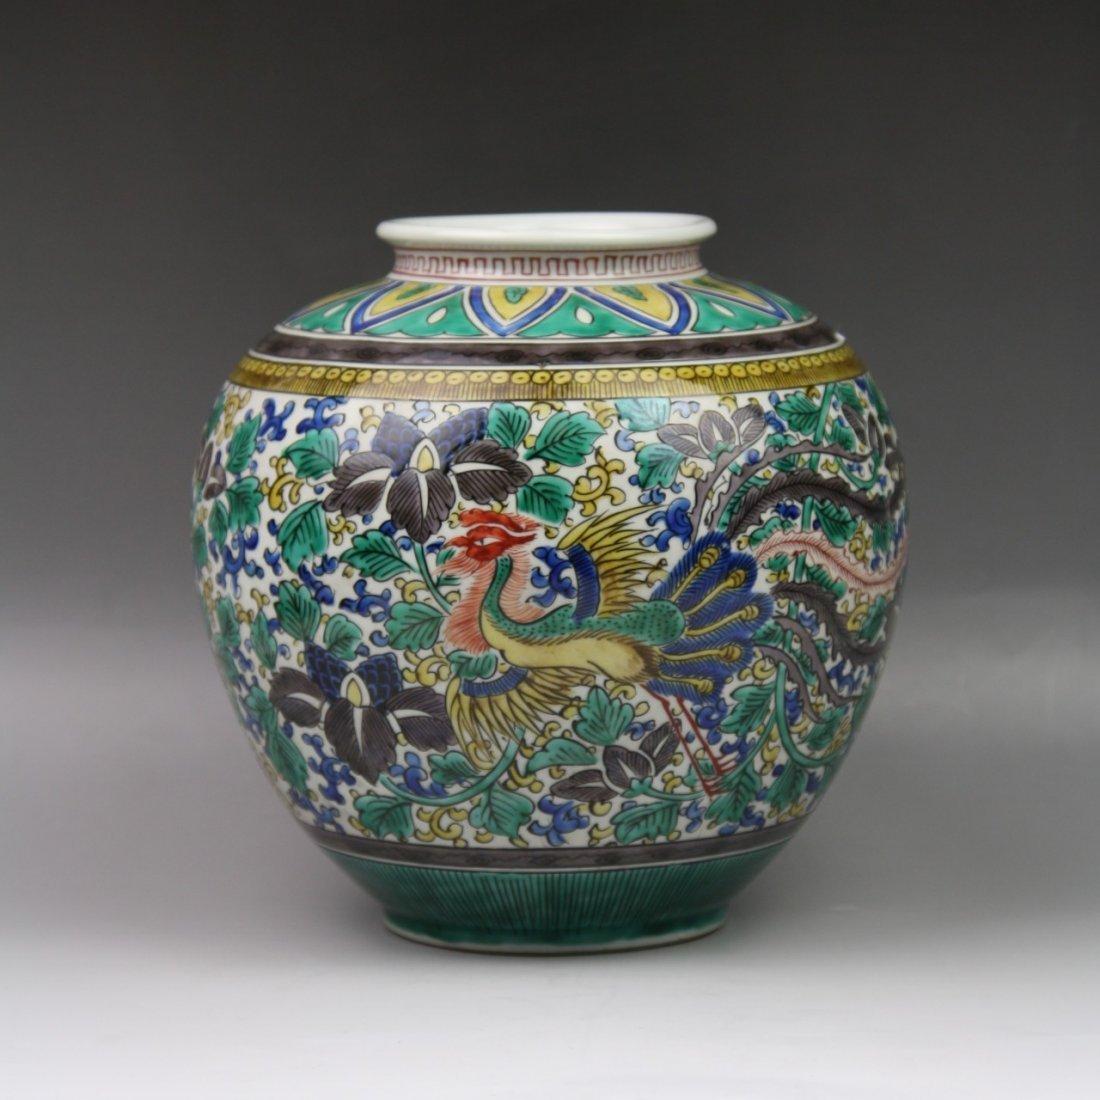 14: A Japanese Kutani Porcelain Jar